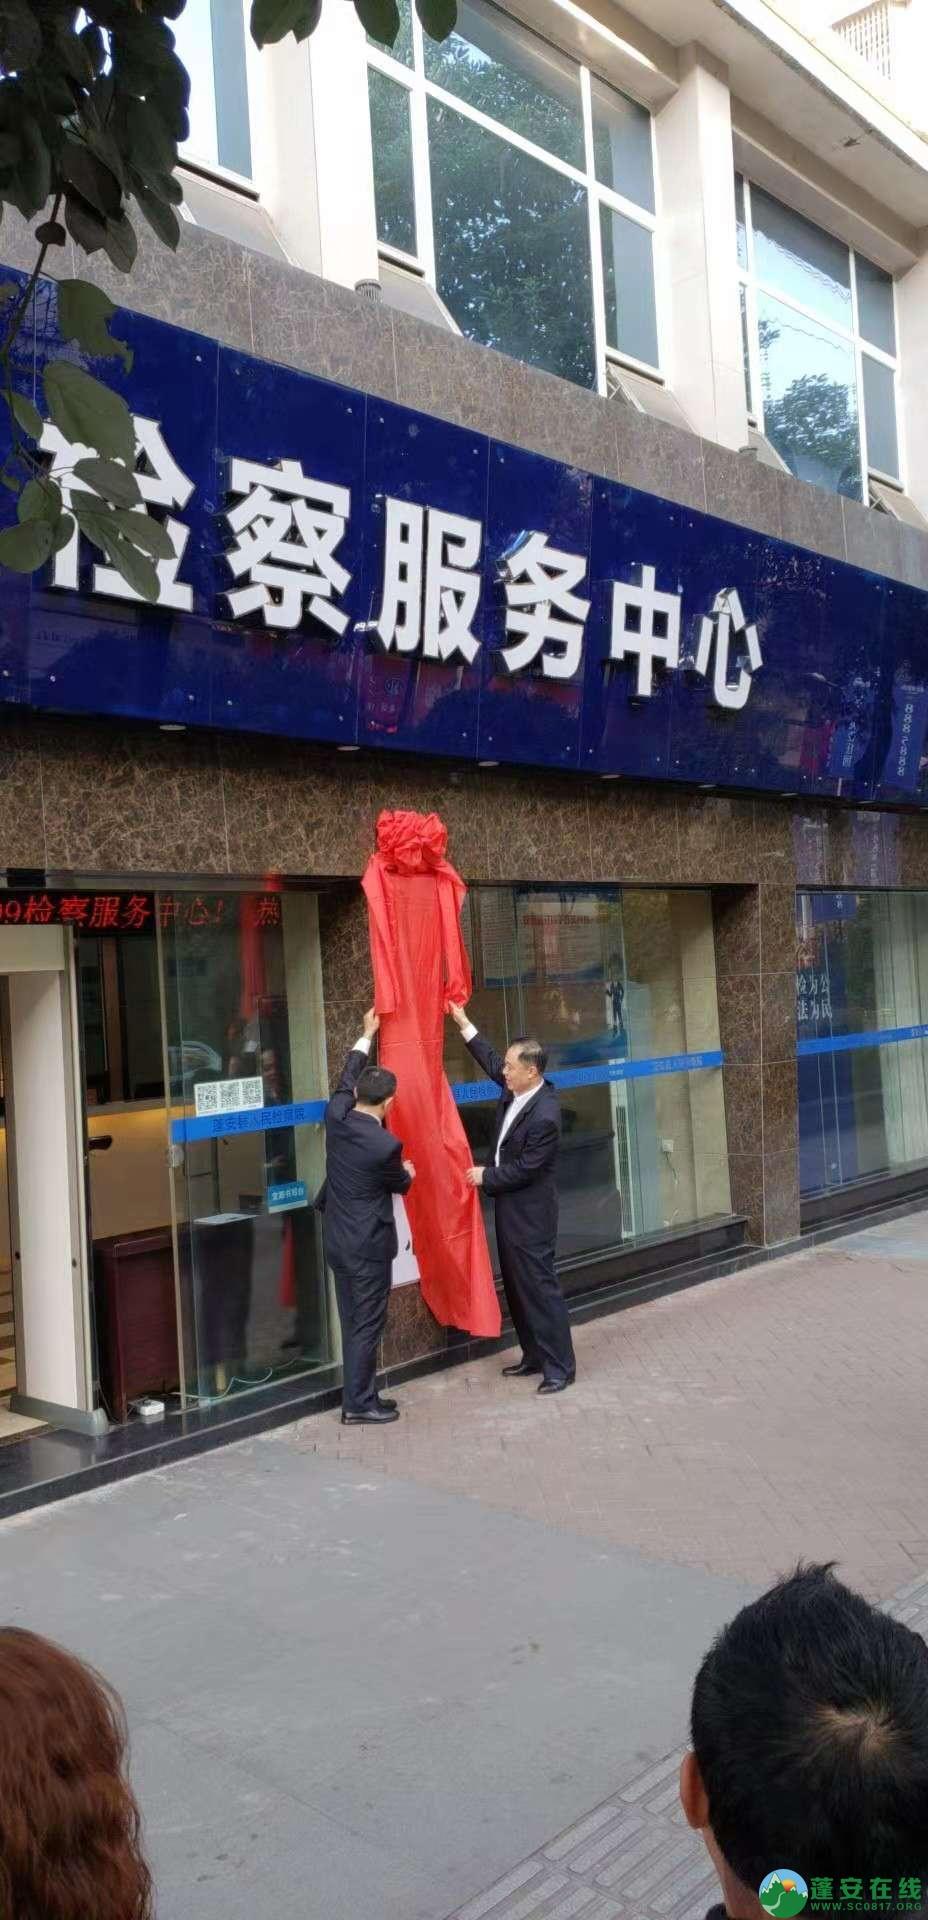 蓬安县人民检察院12309检察服务中心正式宣告挂牌成立 - 第4张  | 蓬安在线